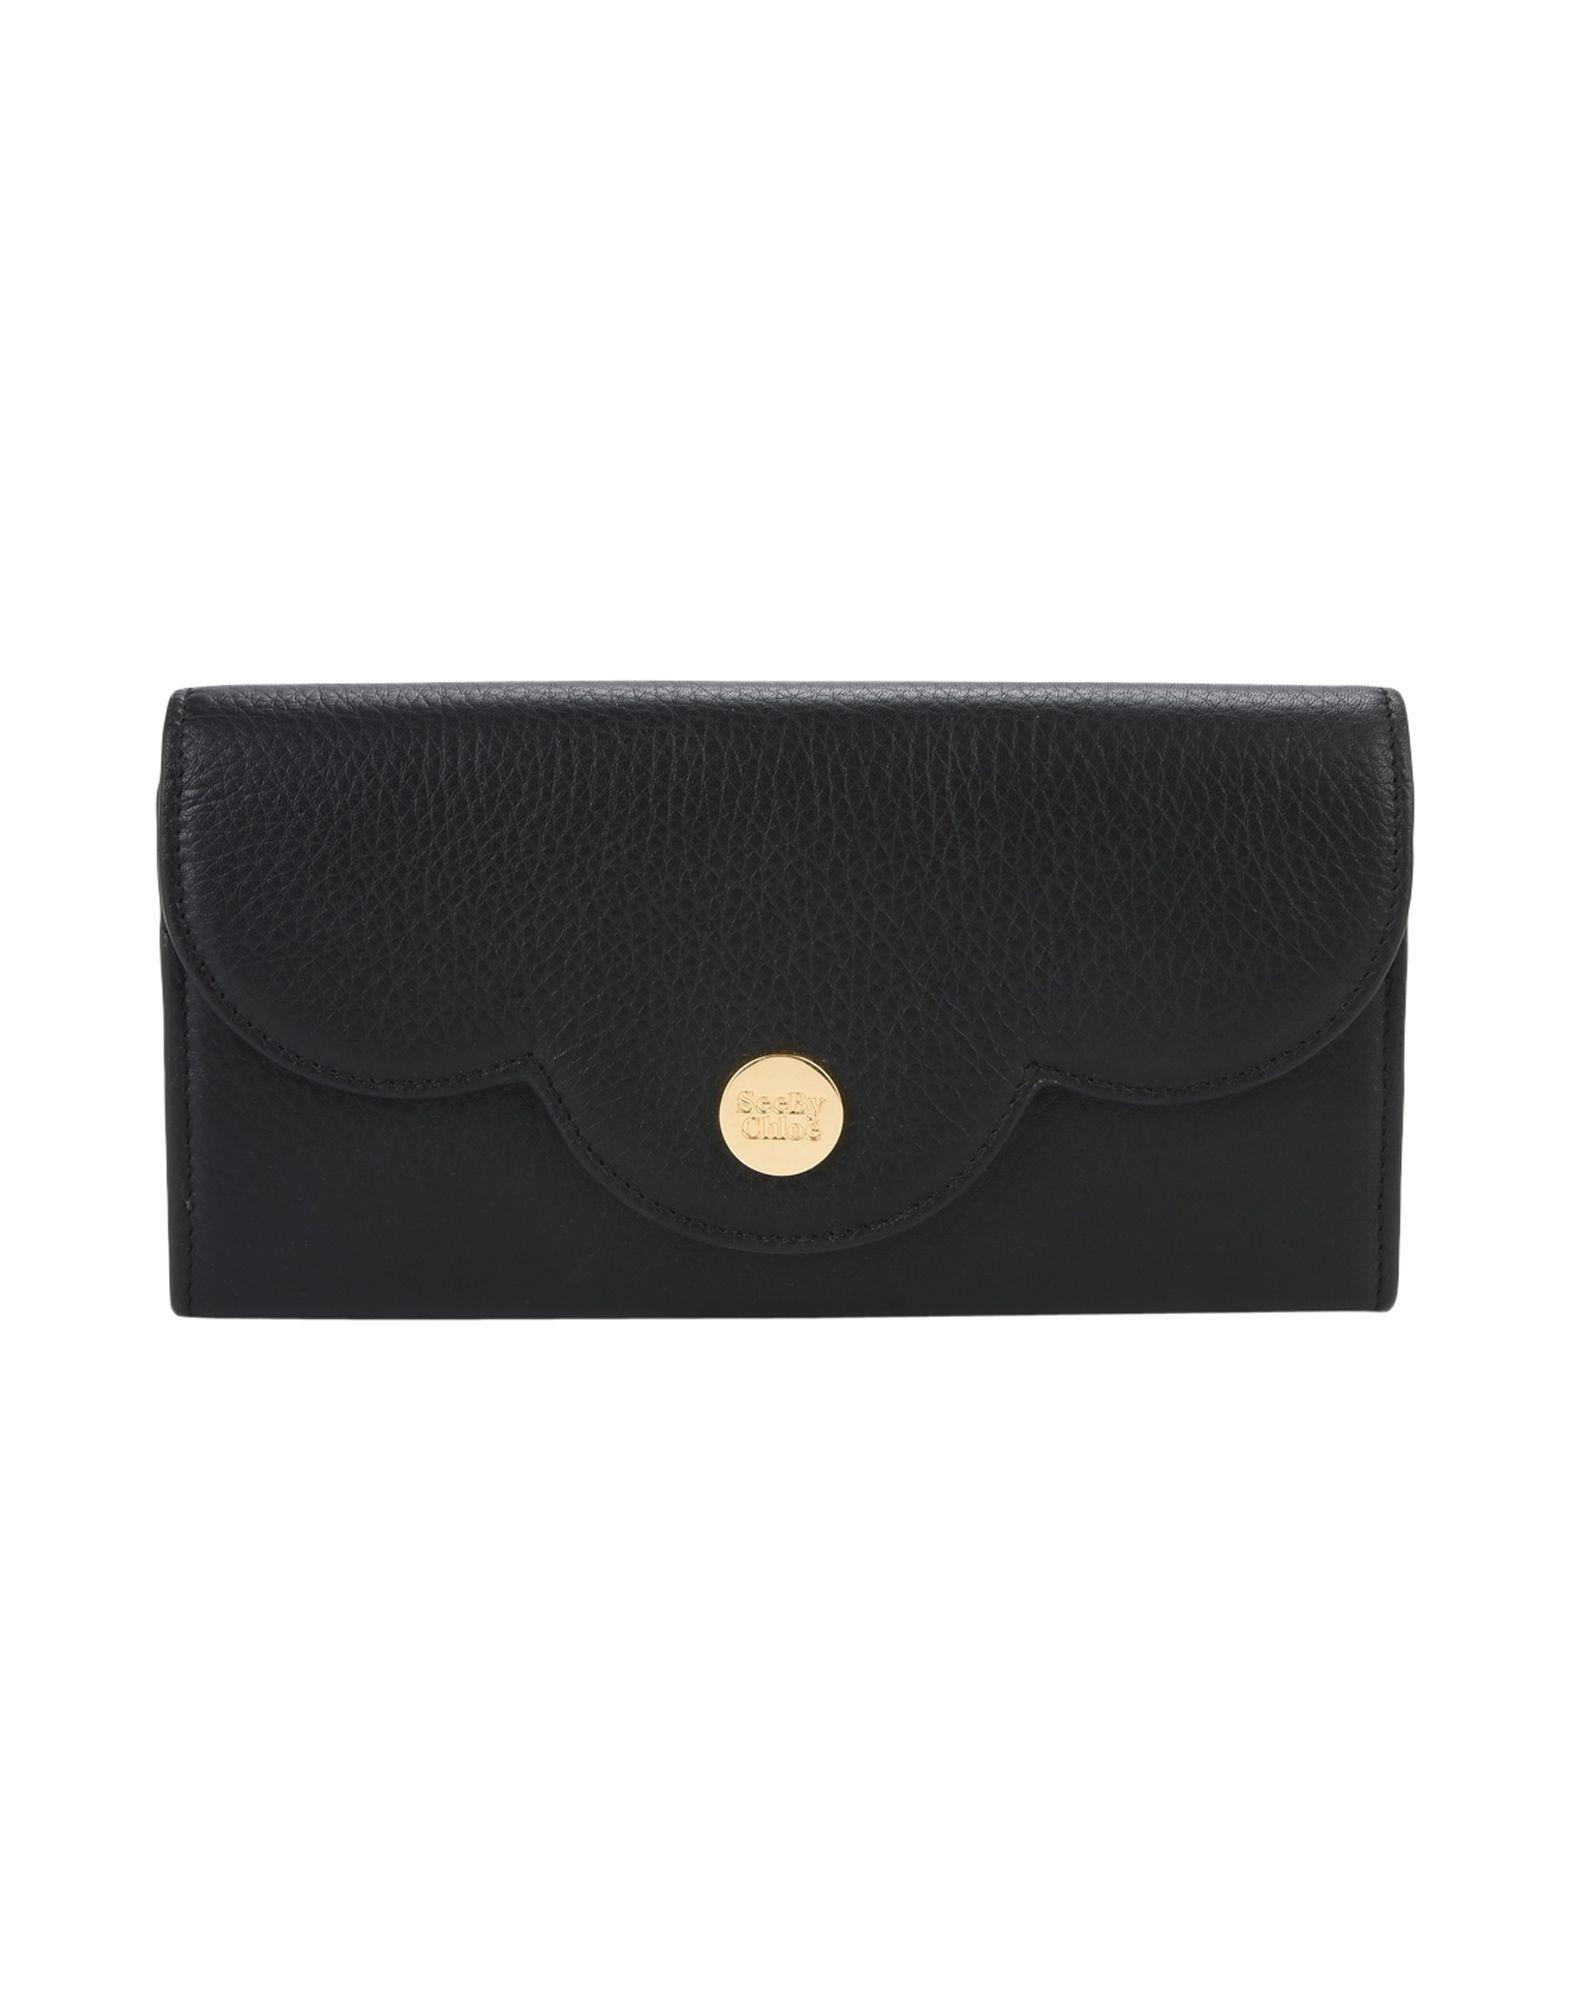 レディース SEE BY CHLO polina flat wallet with flap 財布  ブラック